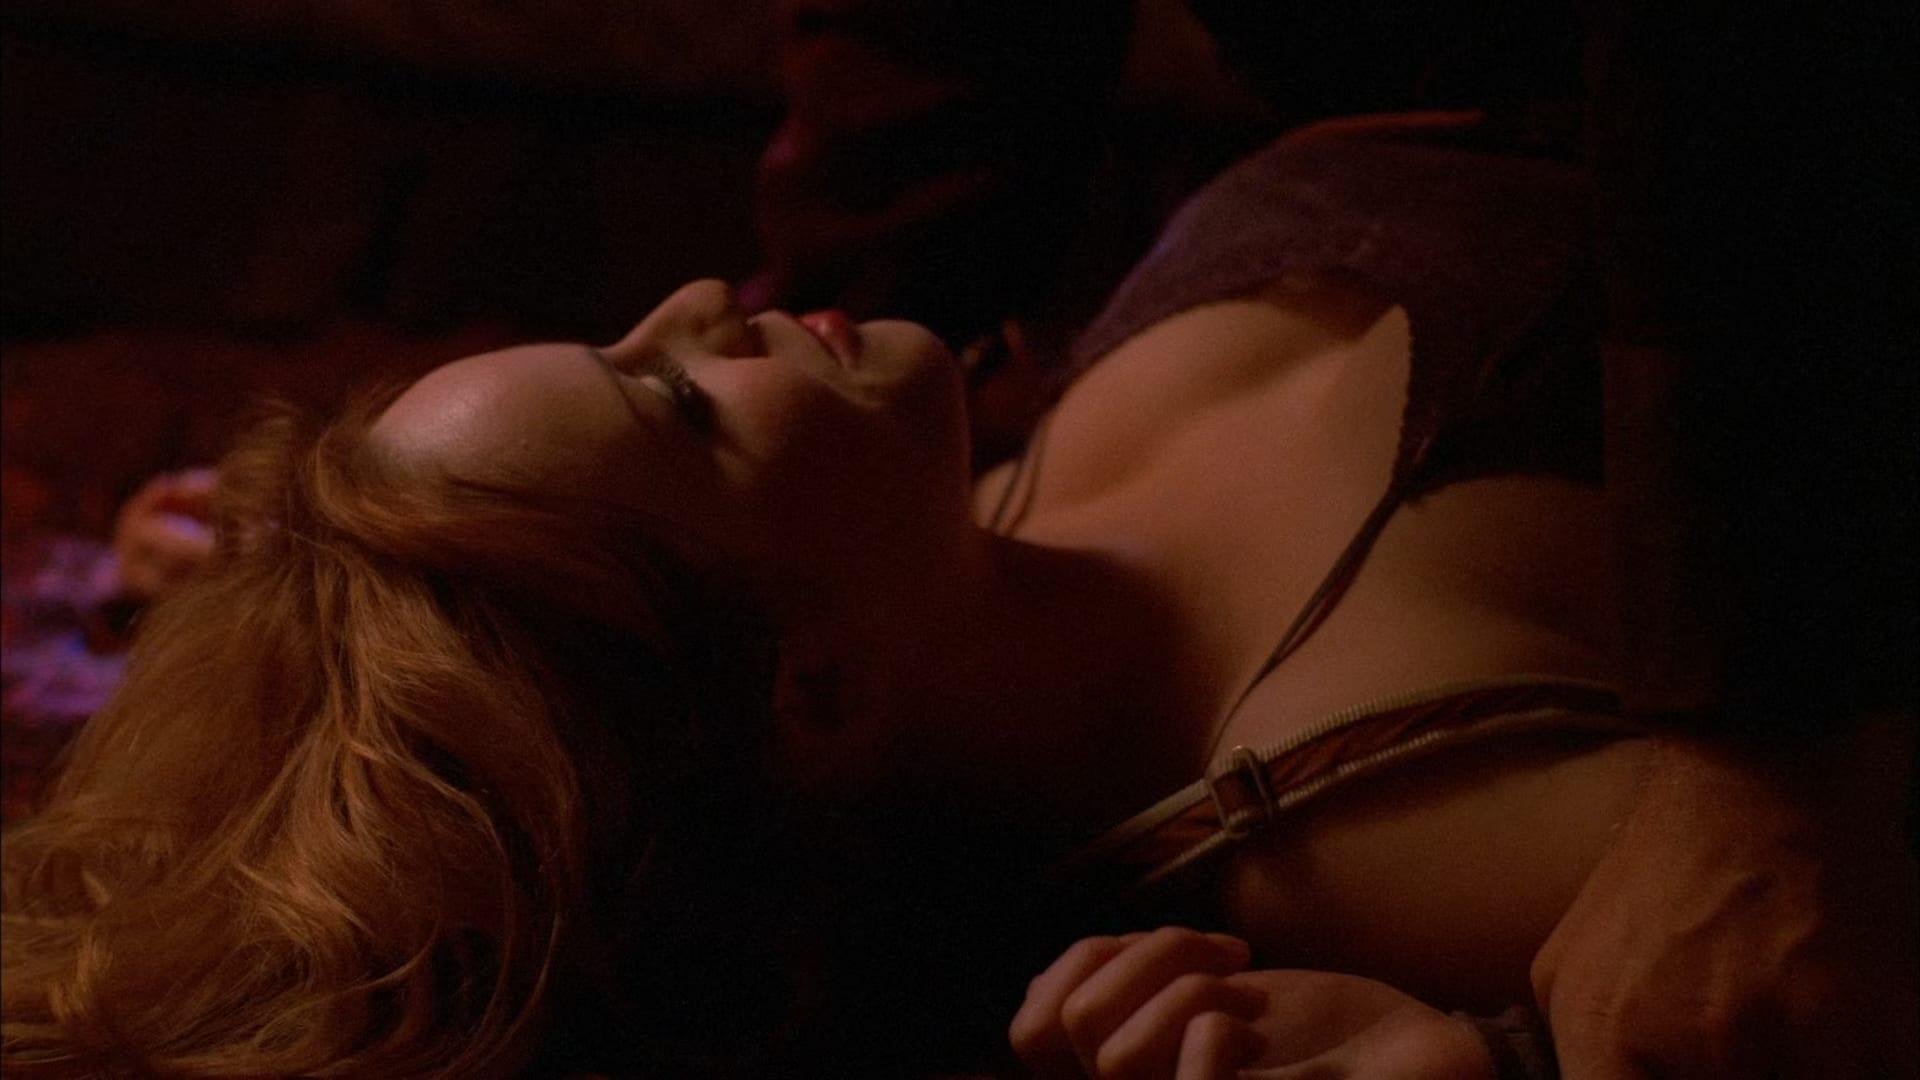 Kaylee Jewel Staite Firefly Sex Firefly Porn Sexy Nude Porn Jewel Staite Jpg